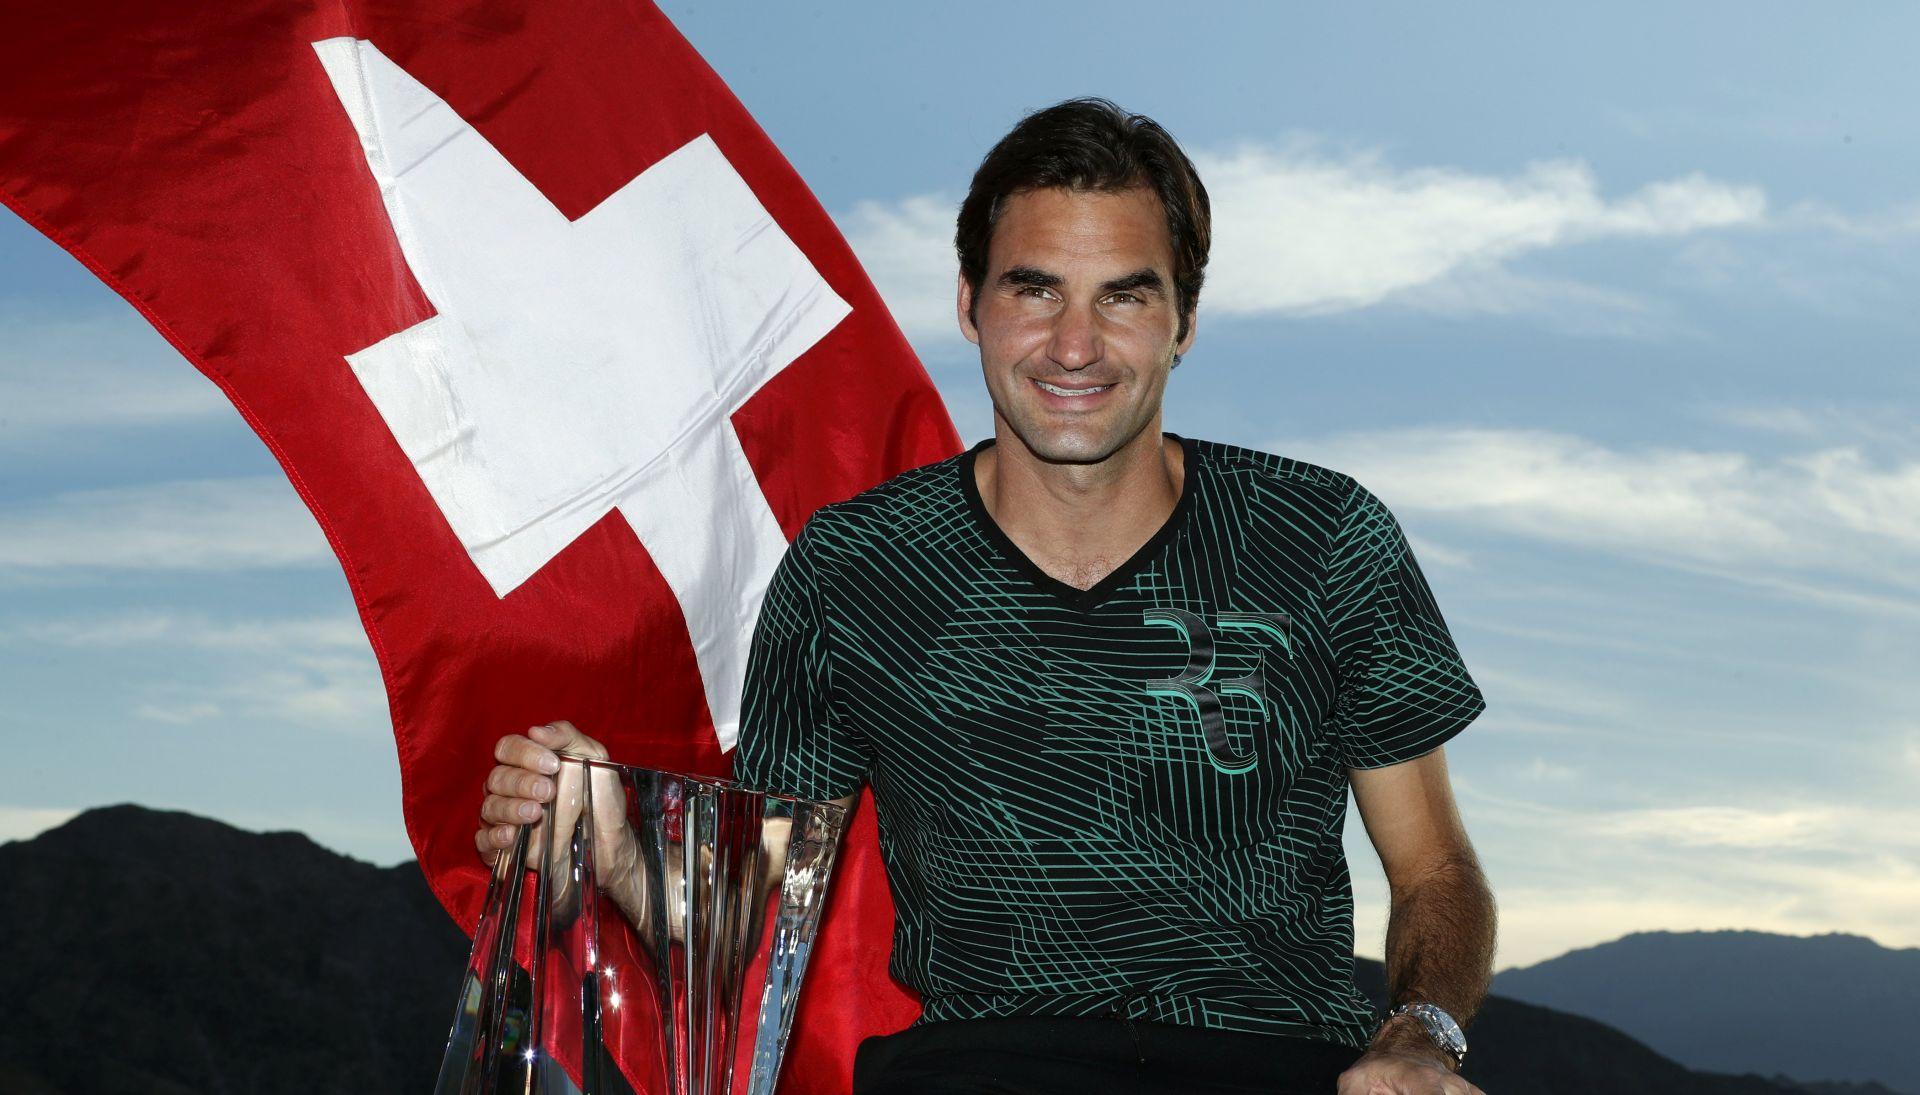 INDIAN WELLS Slavlje Federera u švicarskom finalu, srušio i dva rekorda